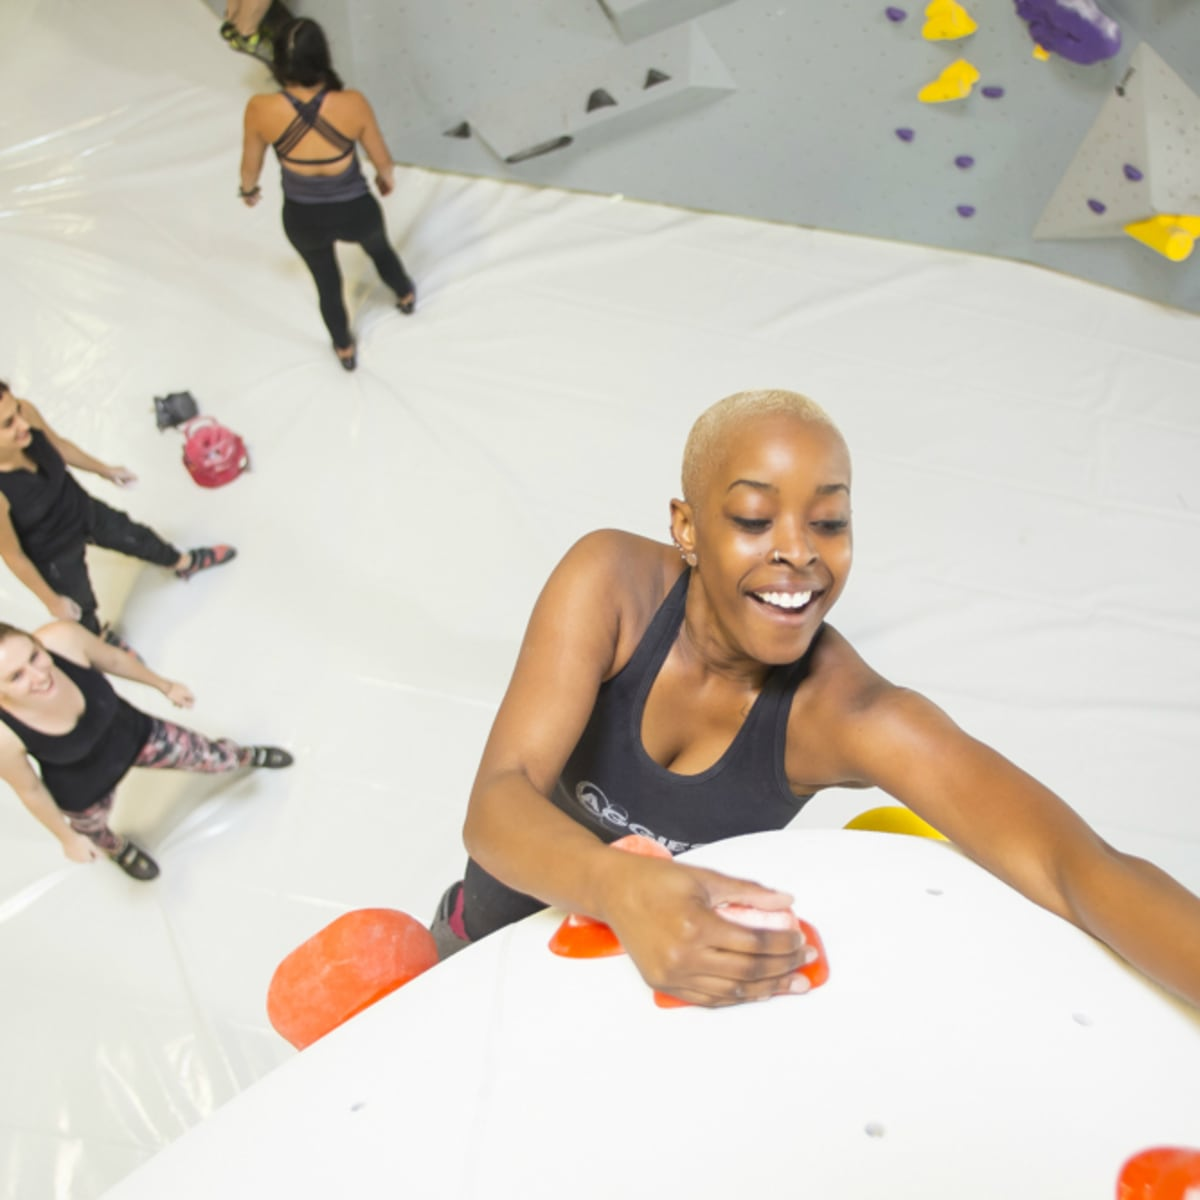 Houston Silver Street rock gym woman climbing 2